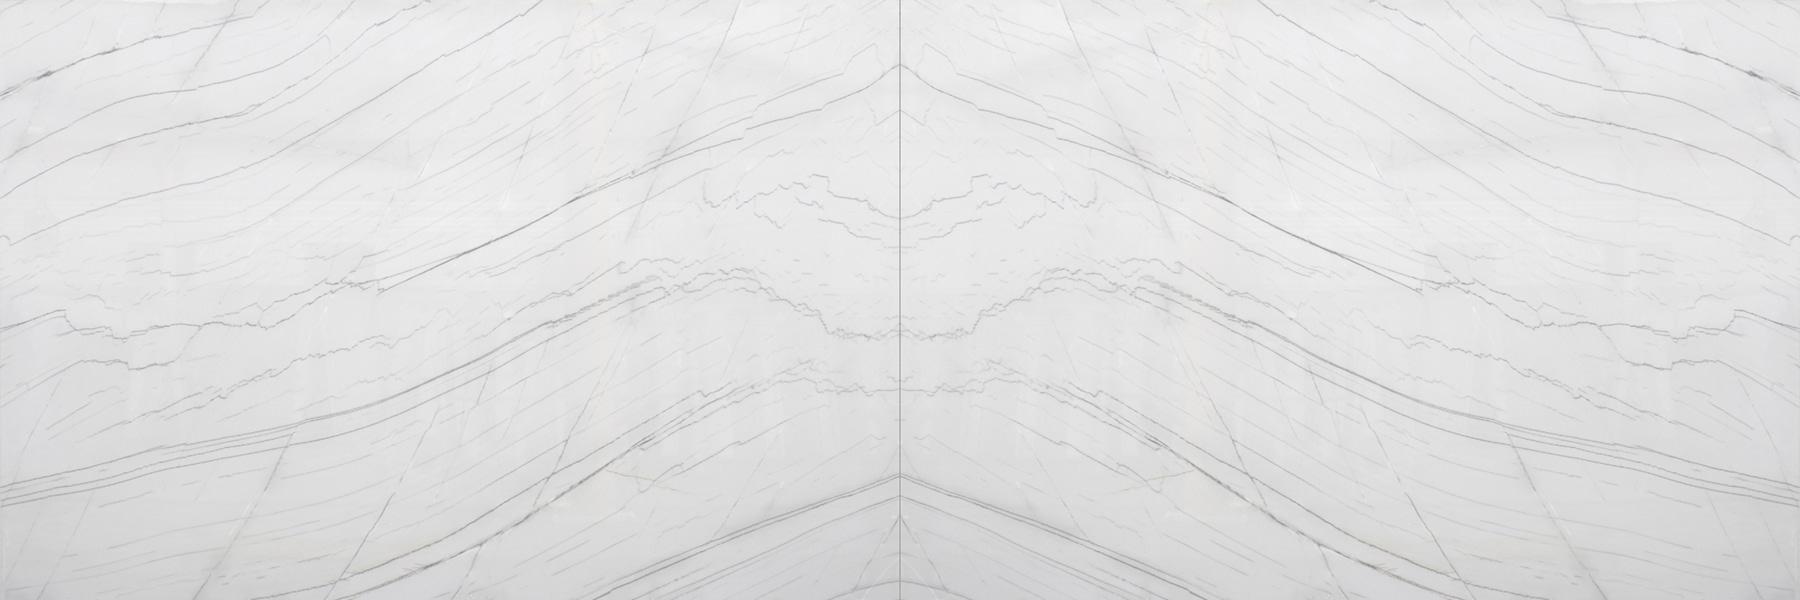 Filamento Quartzite Horizontal Bookmatch B